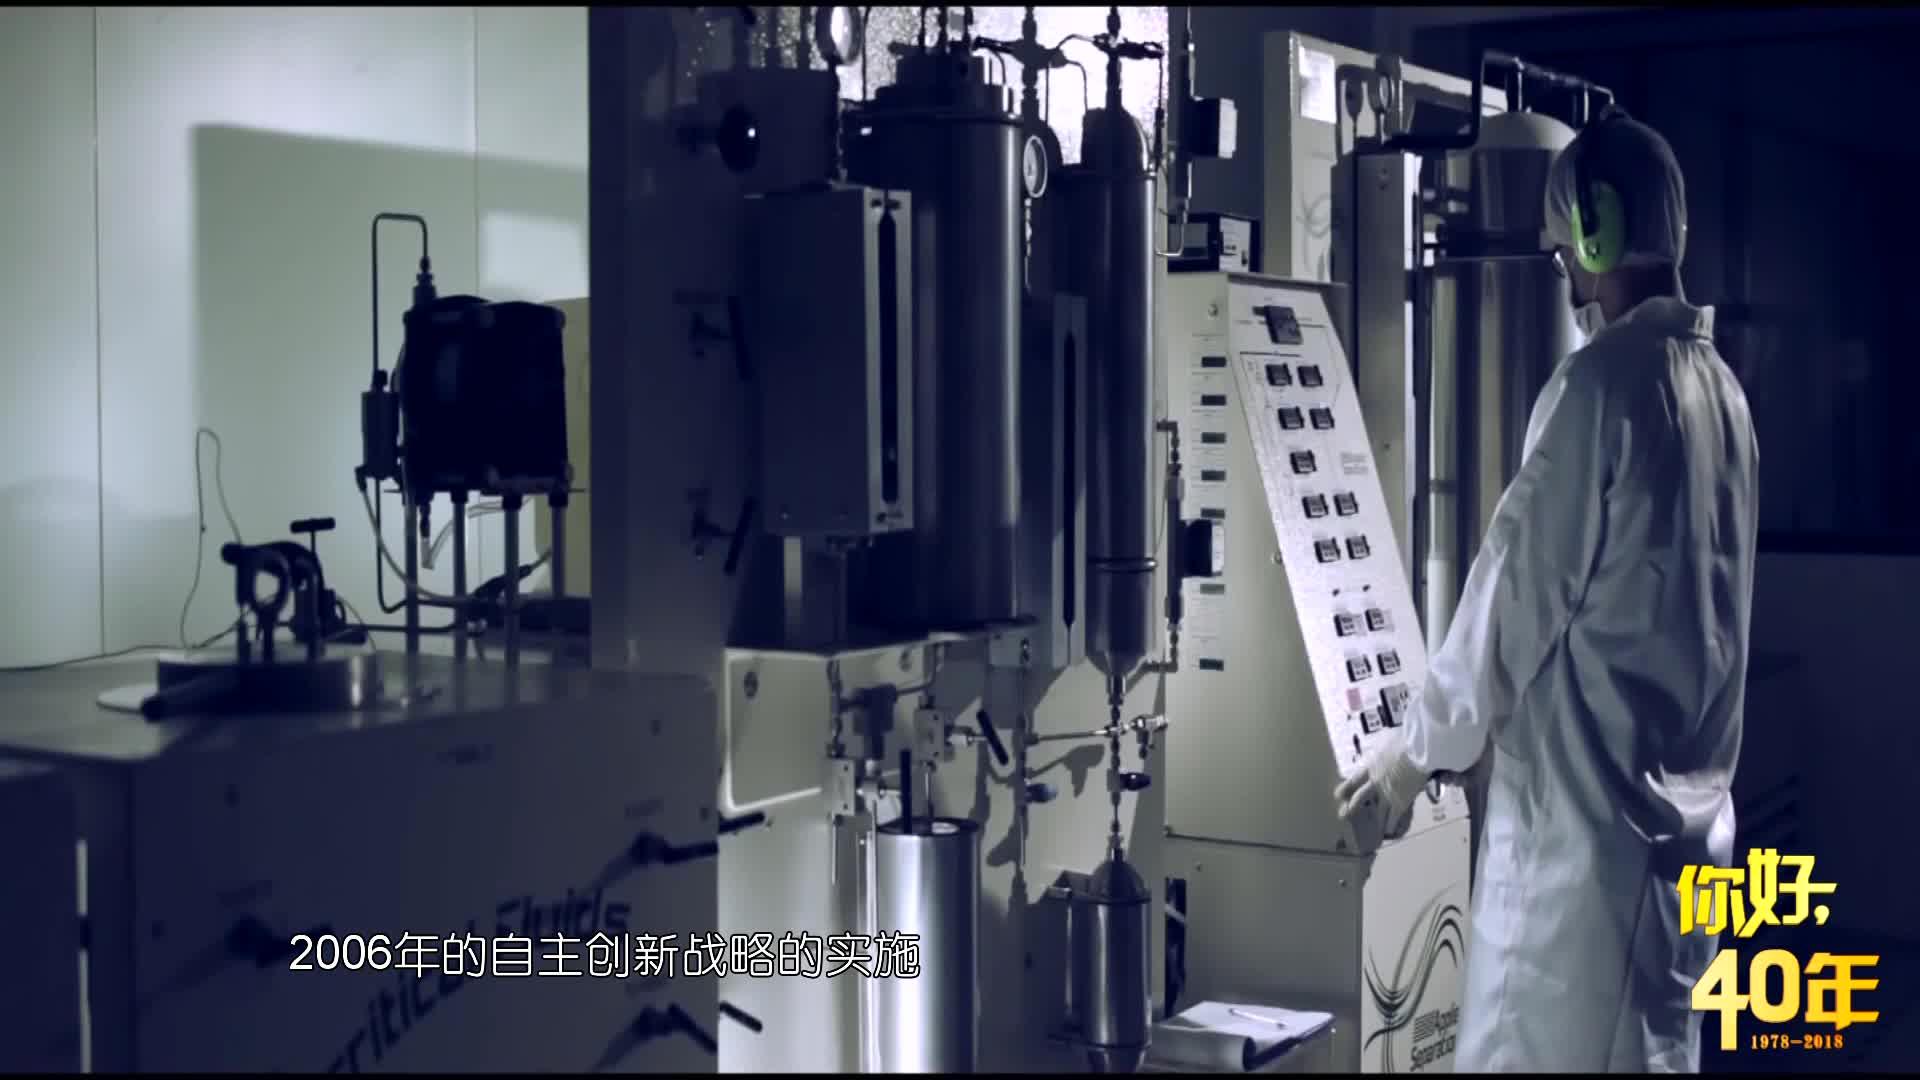 【你好,40年】⑤退休教授张清辉:我的中国梦,就在这一卷卷焊丝上